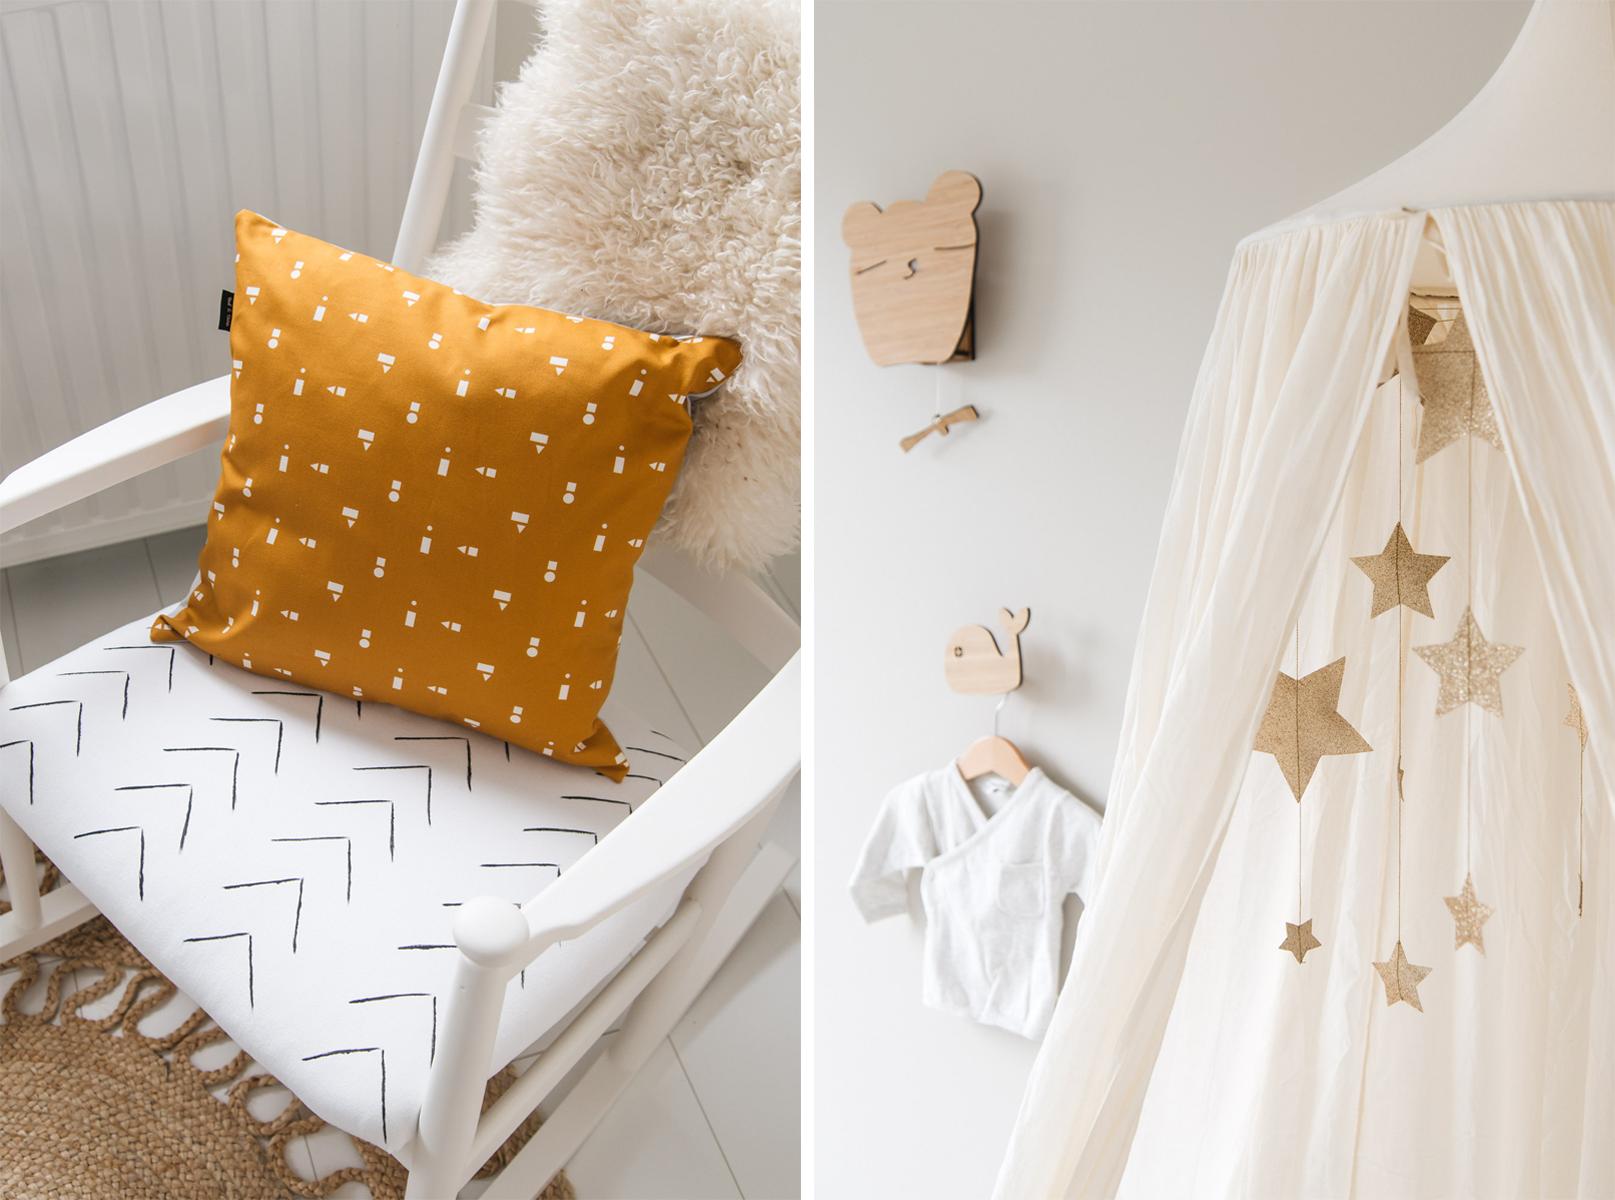 Schommelstoel Babykamer Marktplaats : Babykamer inspiratie met okergele accessoires van ted tone